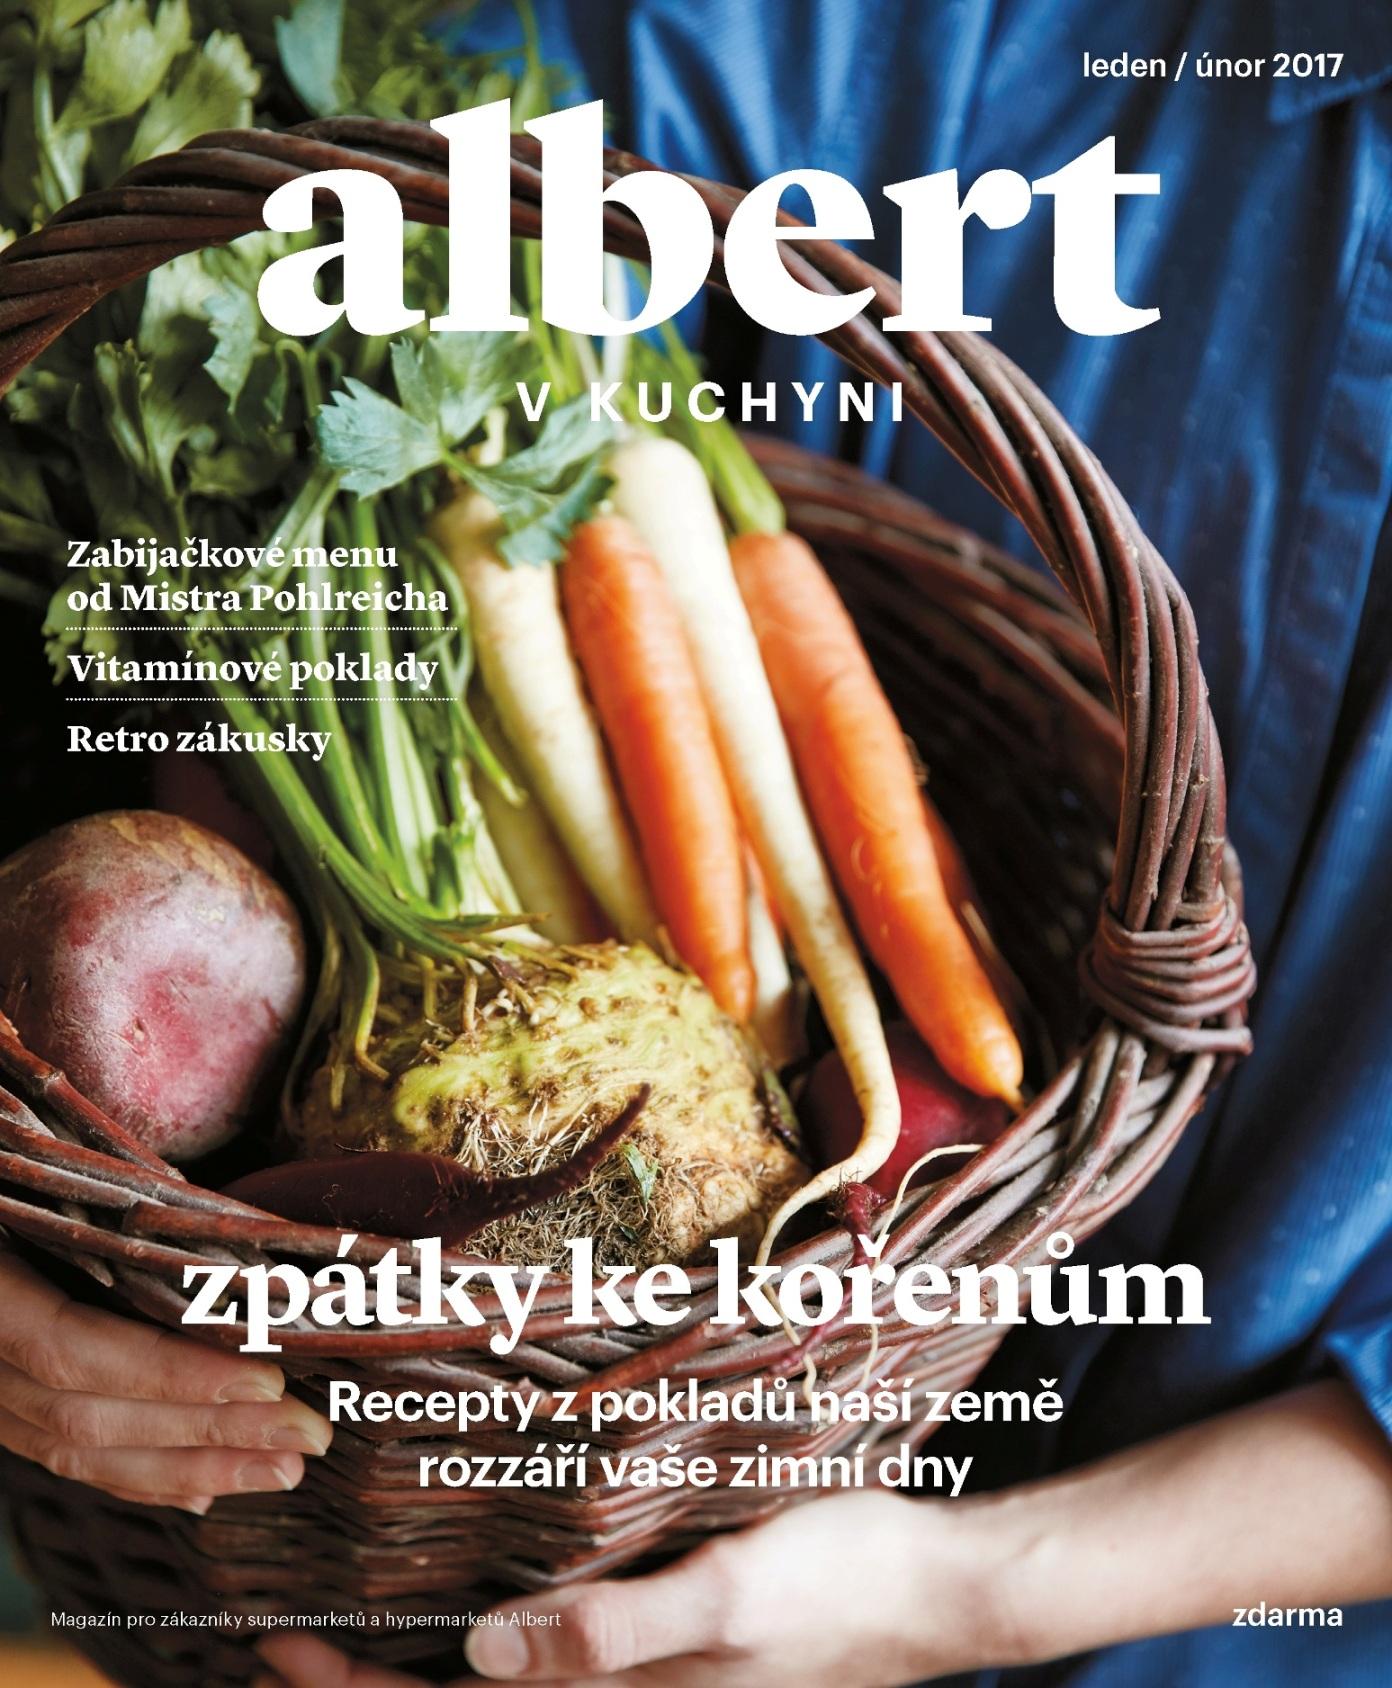 Albert v kuchyni (leden 2017)